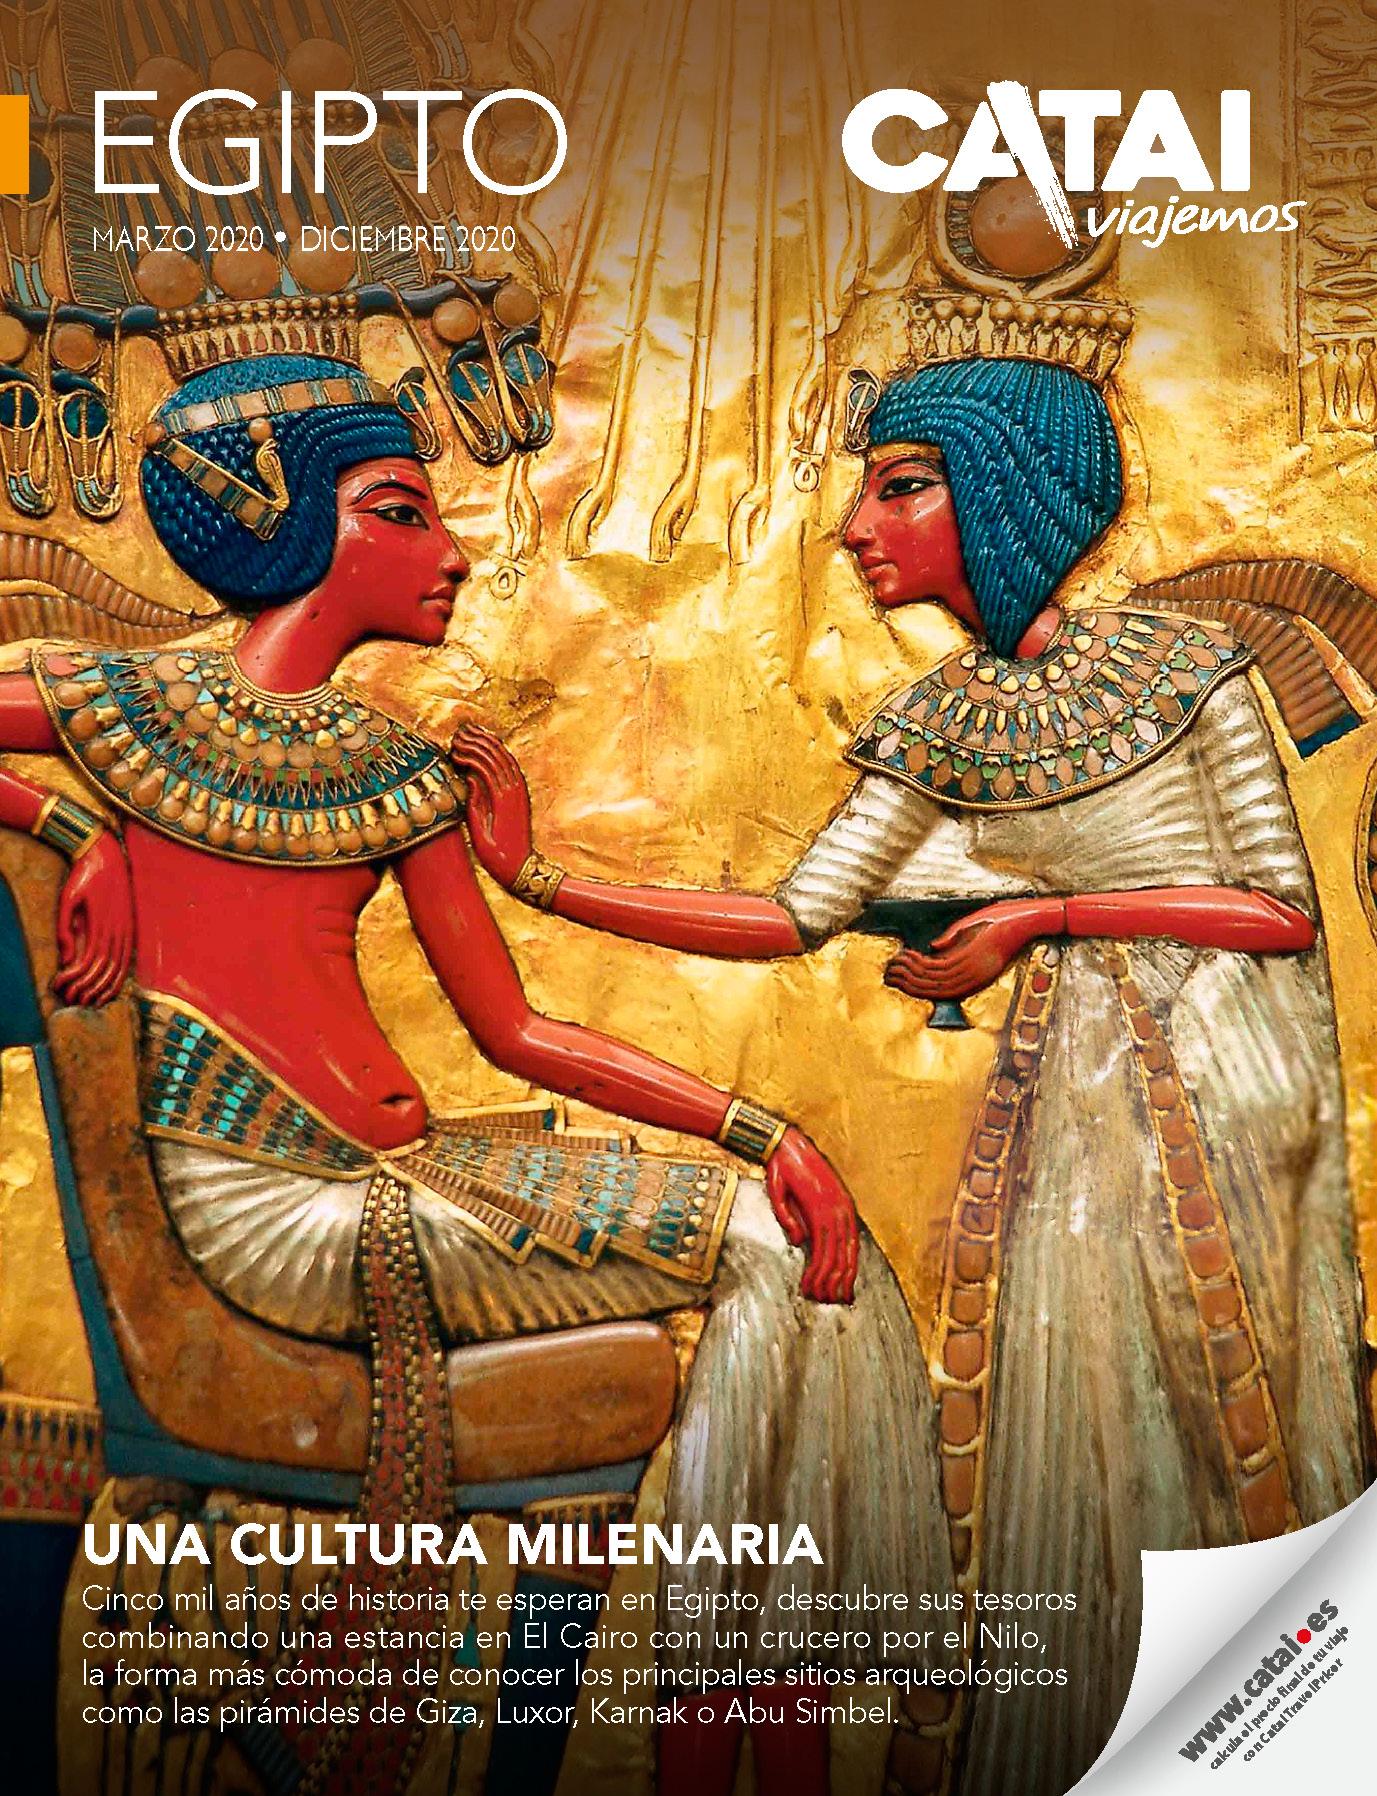 Catalogo Catai Egipto 2020